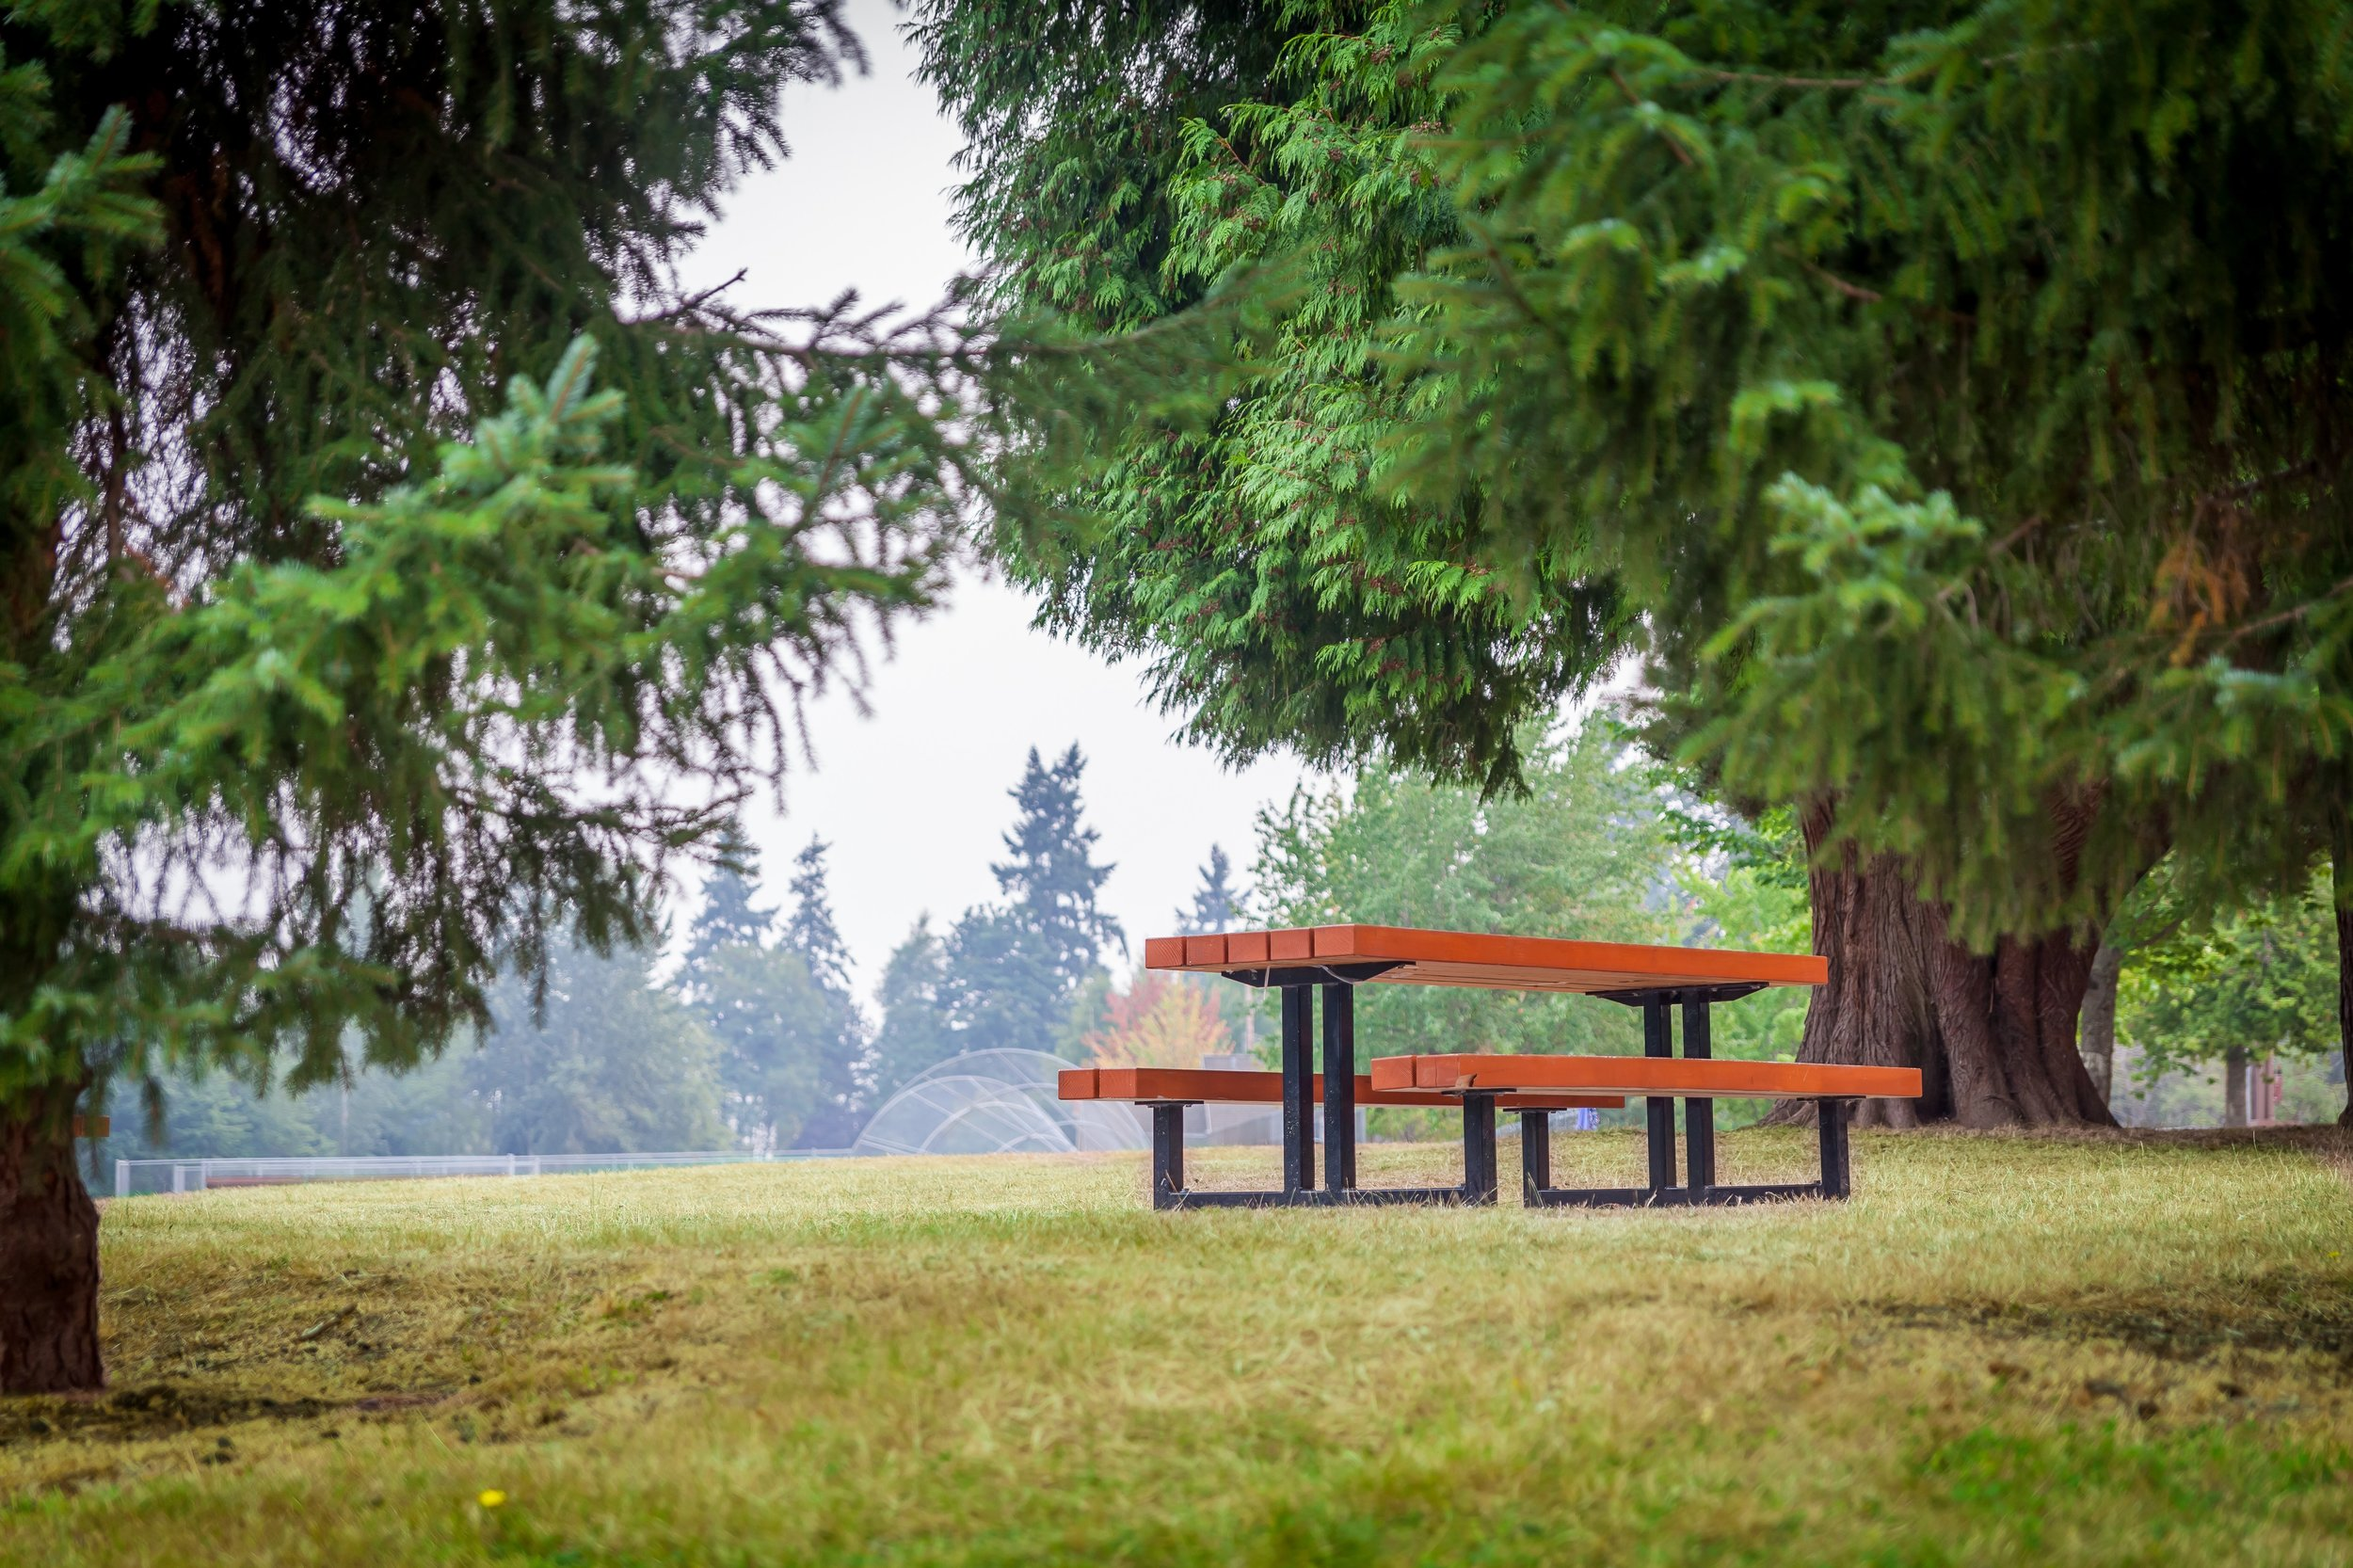 CrestwoodsPark13.jpg